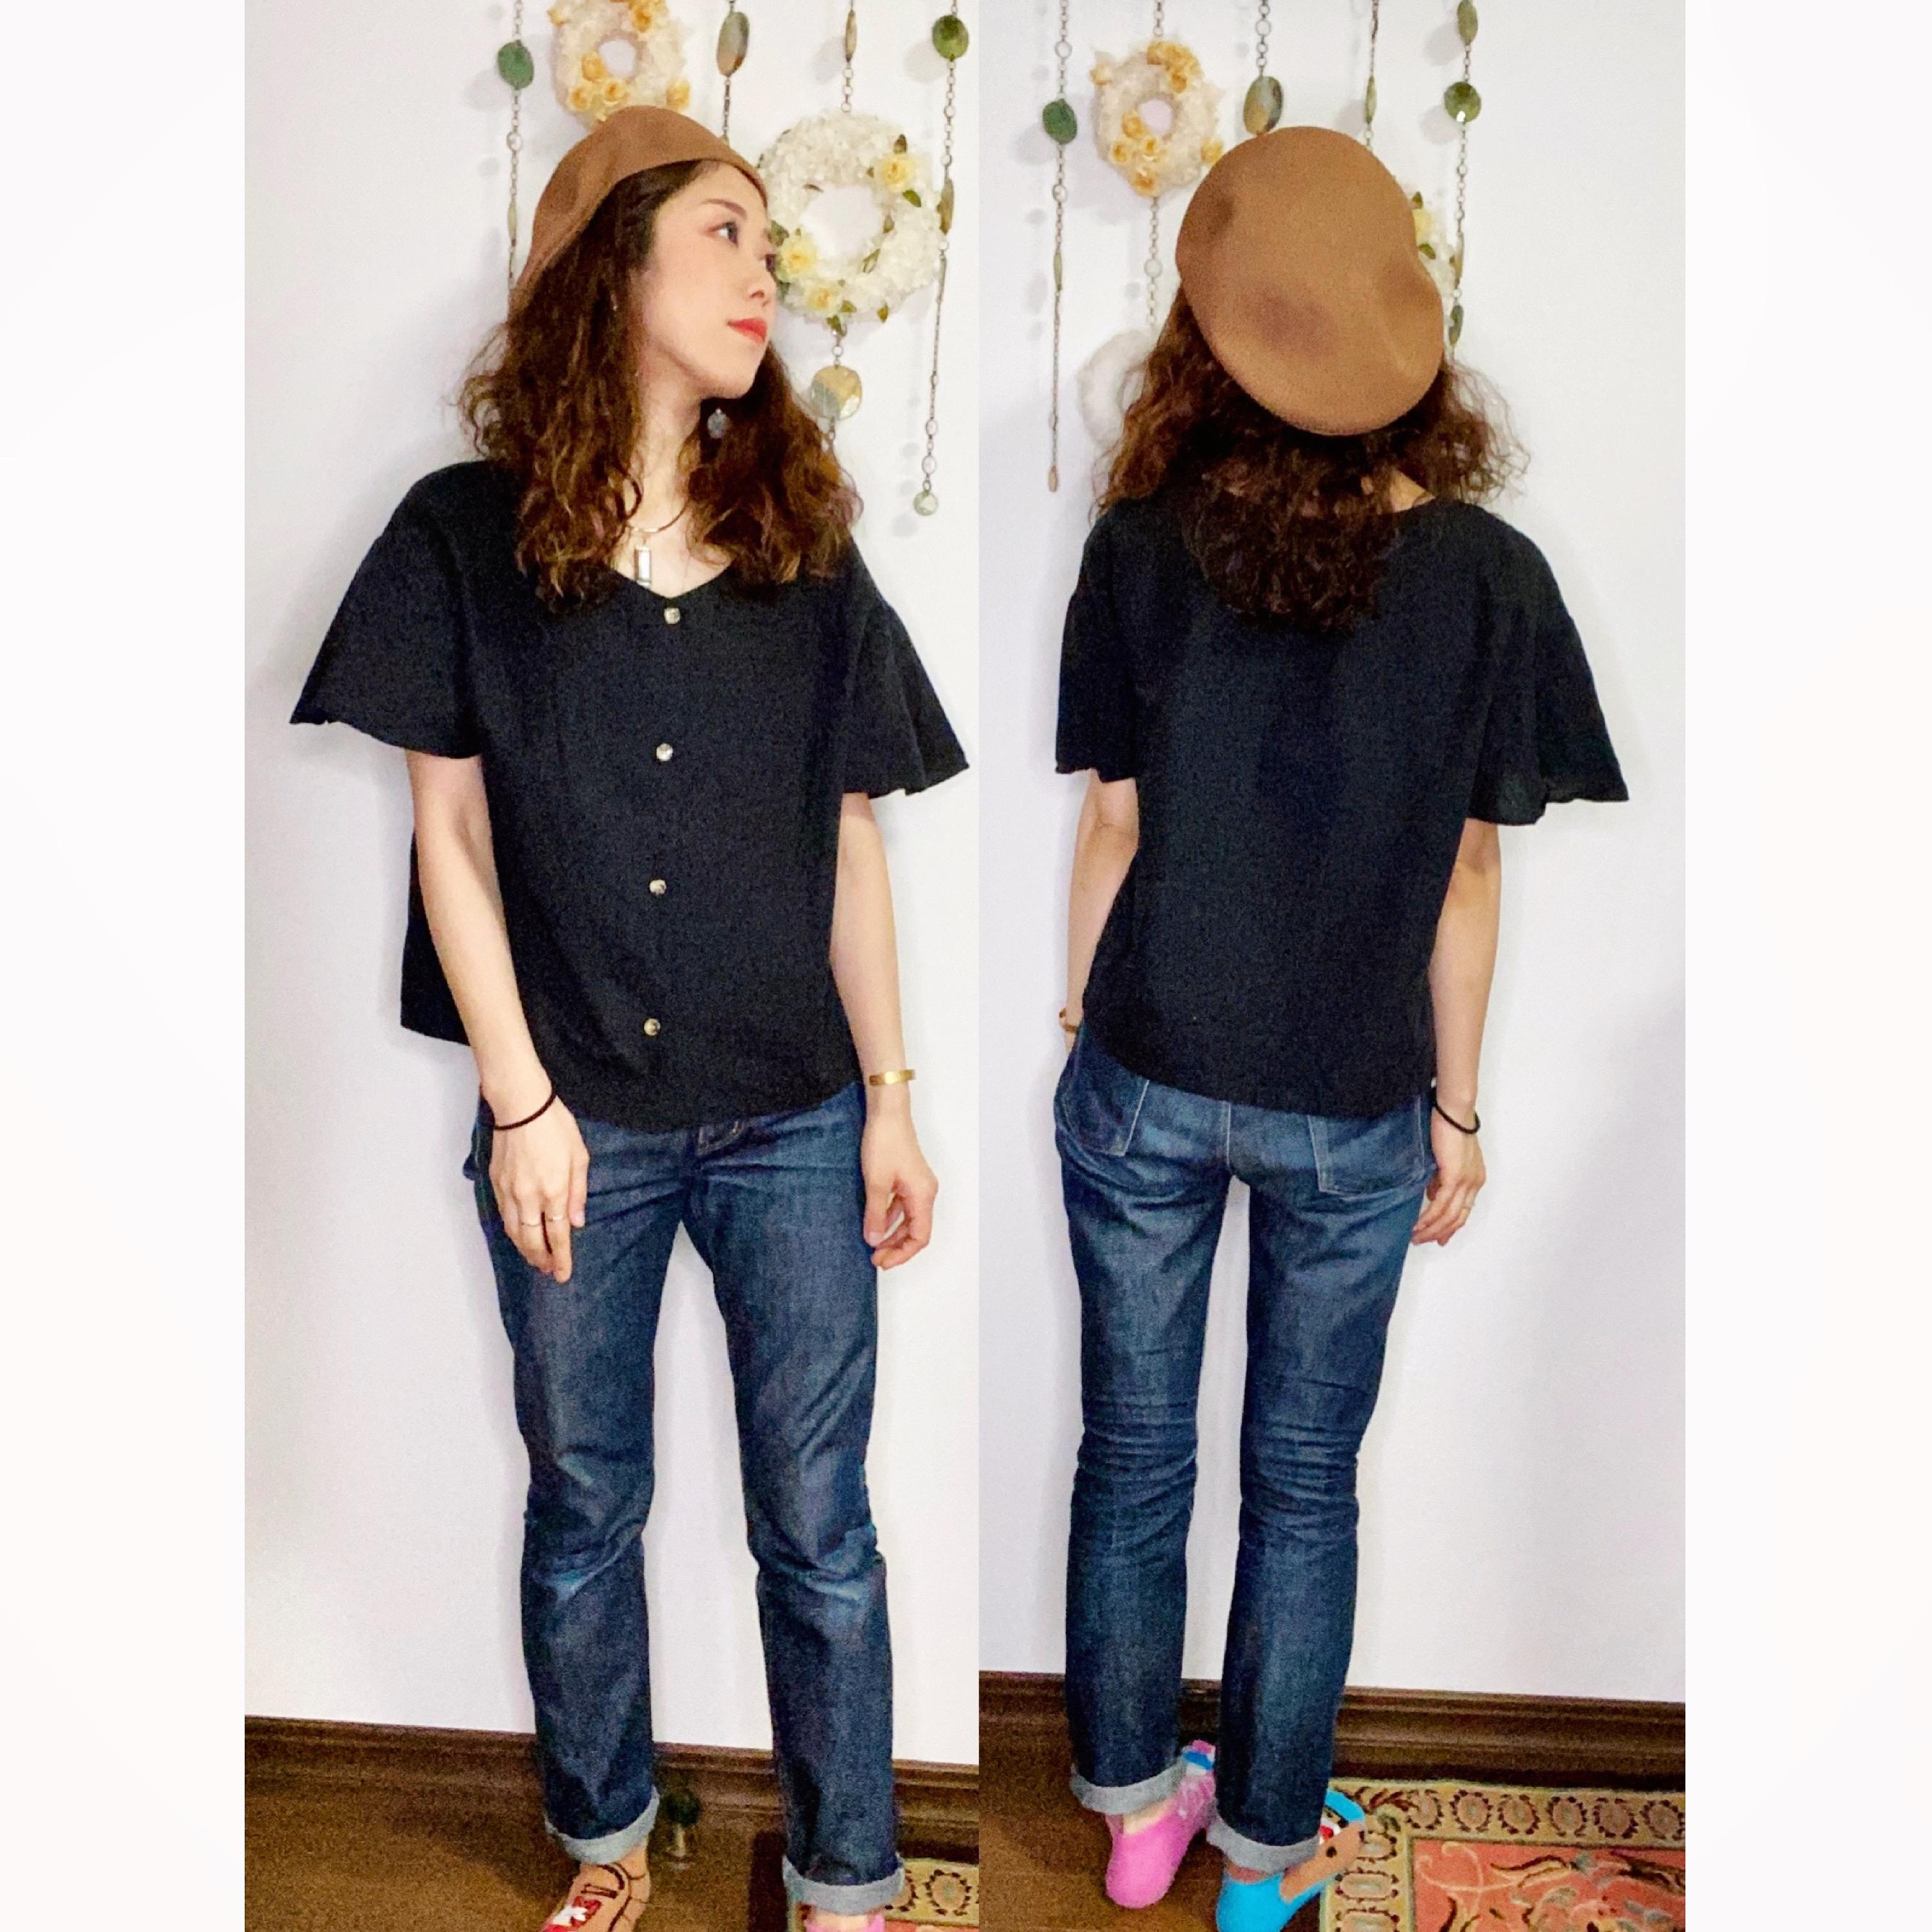 【オンナノコの休日ファッション】2020.8.3【うたうゆきこ】_1